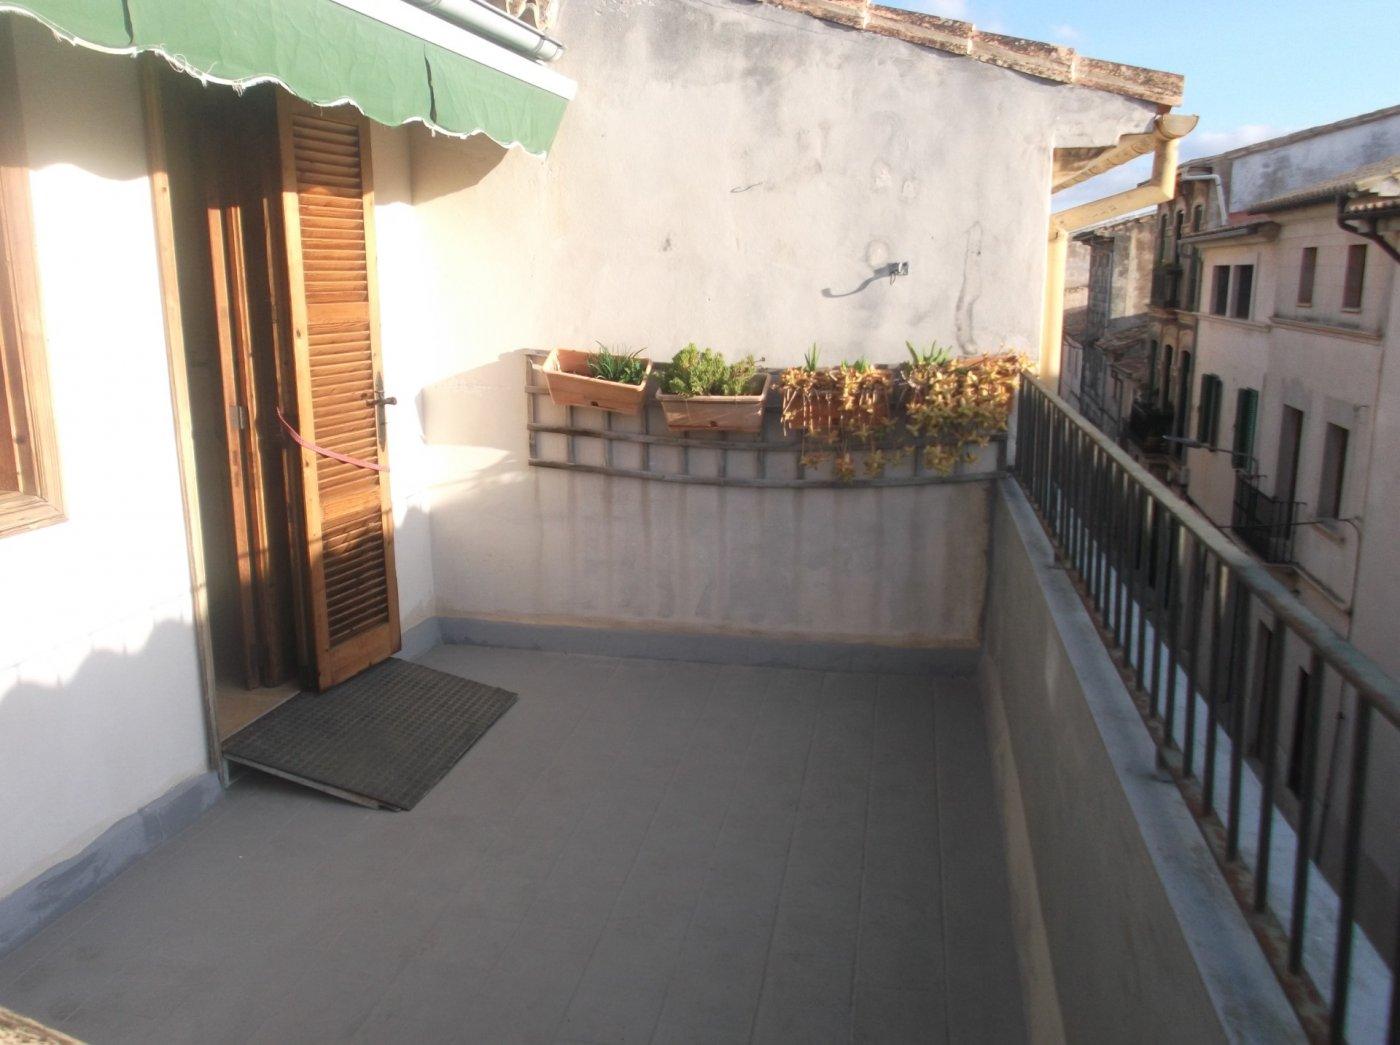 En venta casa de pueblo reformada 3 alturas estilo mallorquin centro llucmajor - imagenInmueble9